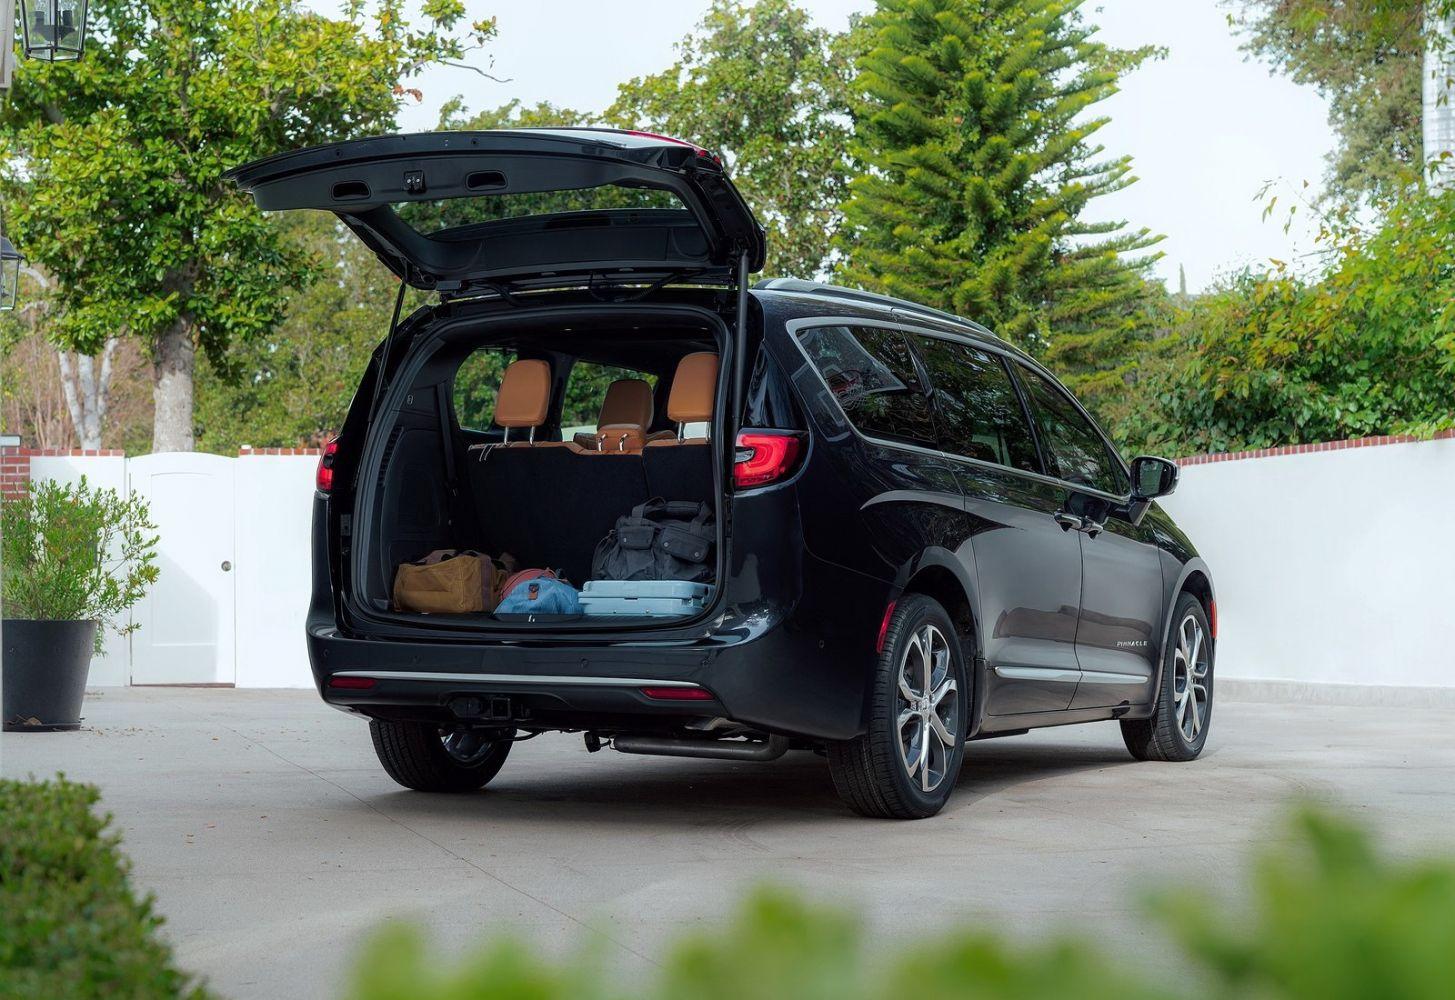 вниманию душевная легковые машины с большим багажником требуется восстановить фото